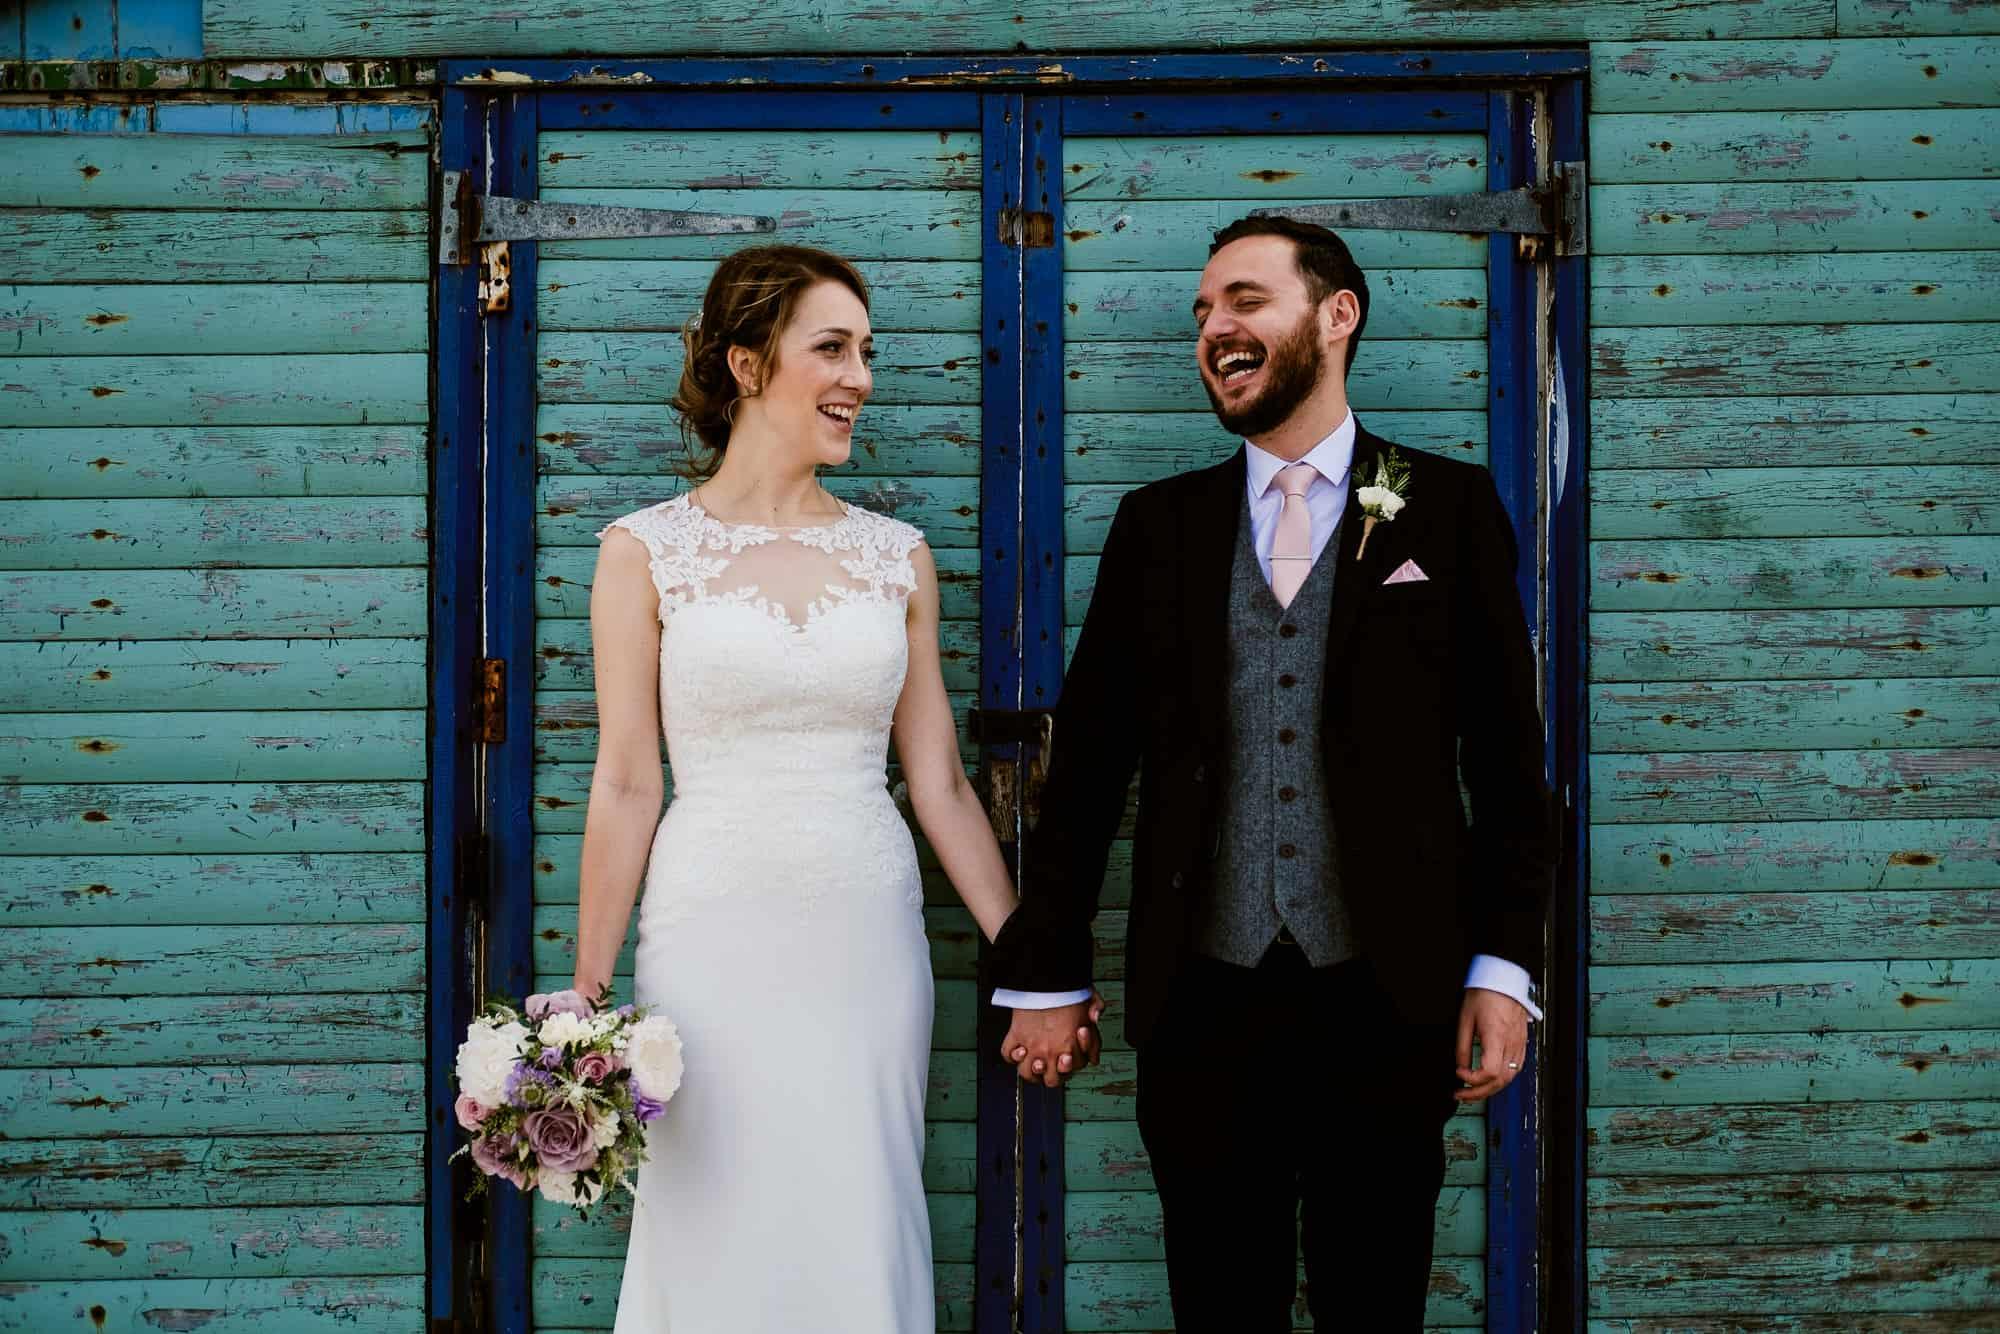 east-quay-wedding-photographer-matt-tyler-0042